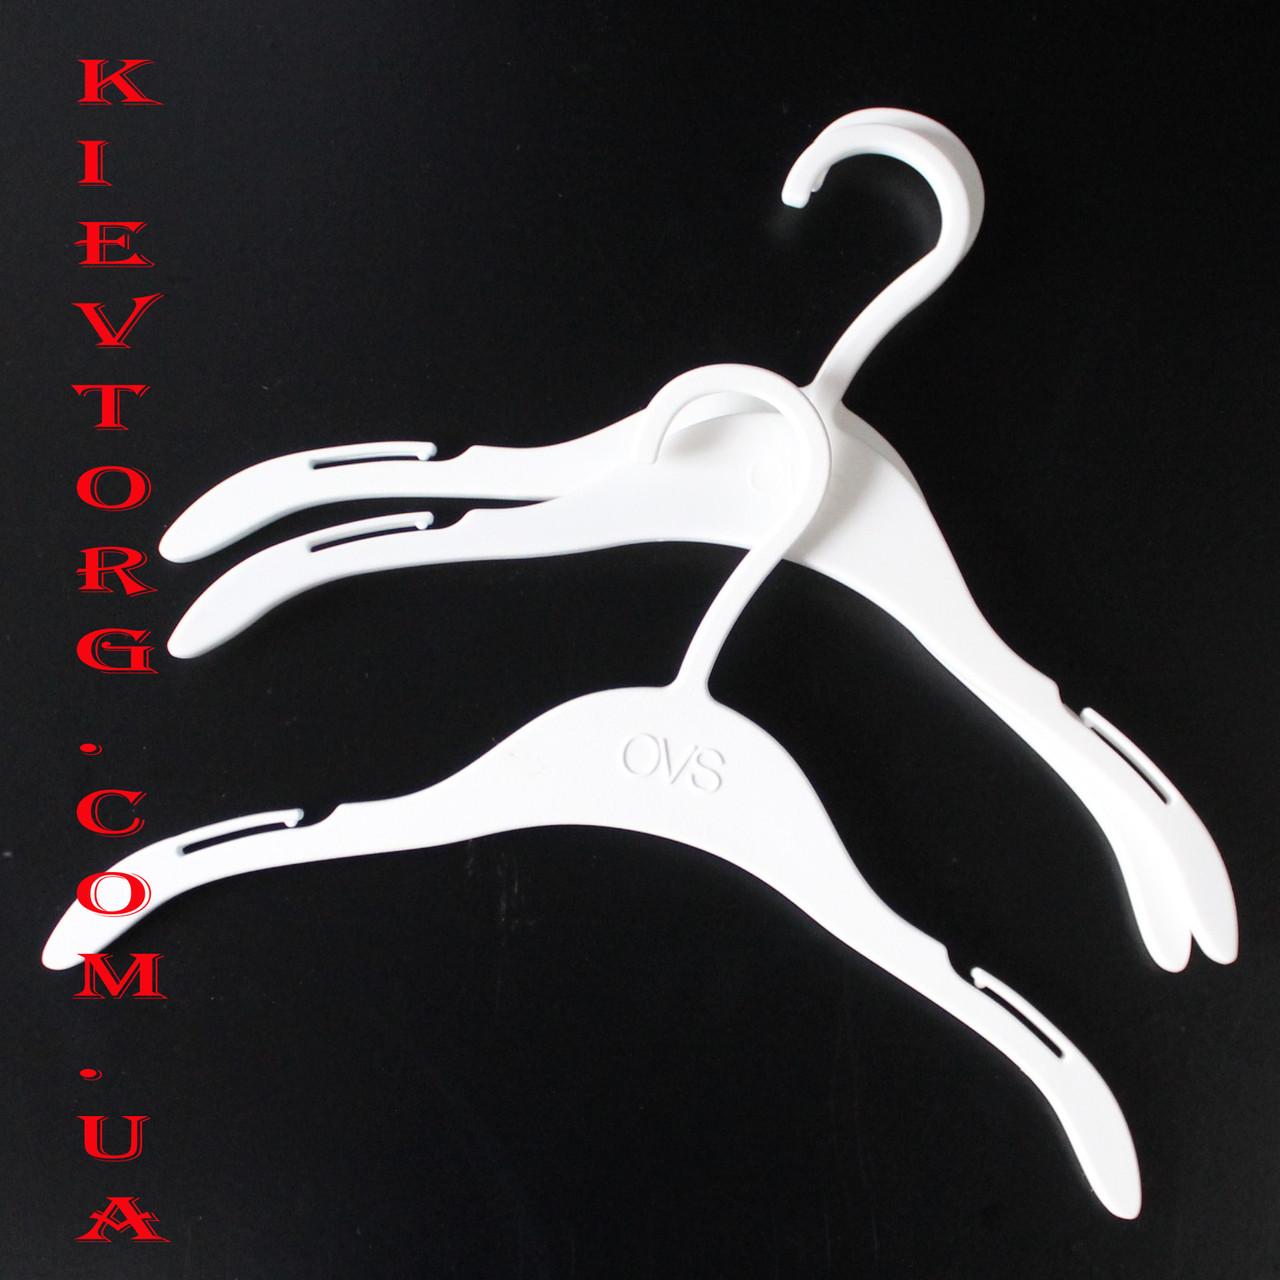 Детские плечики вешалки для одежды 28 см белые пластиковые